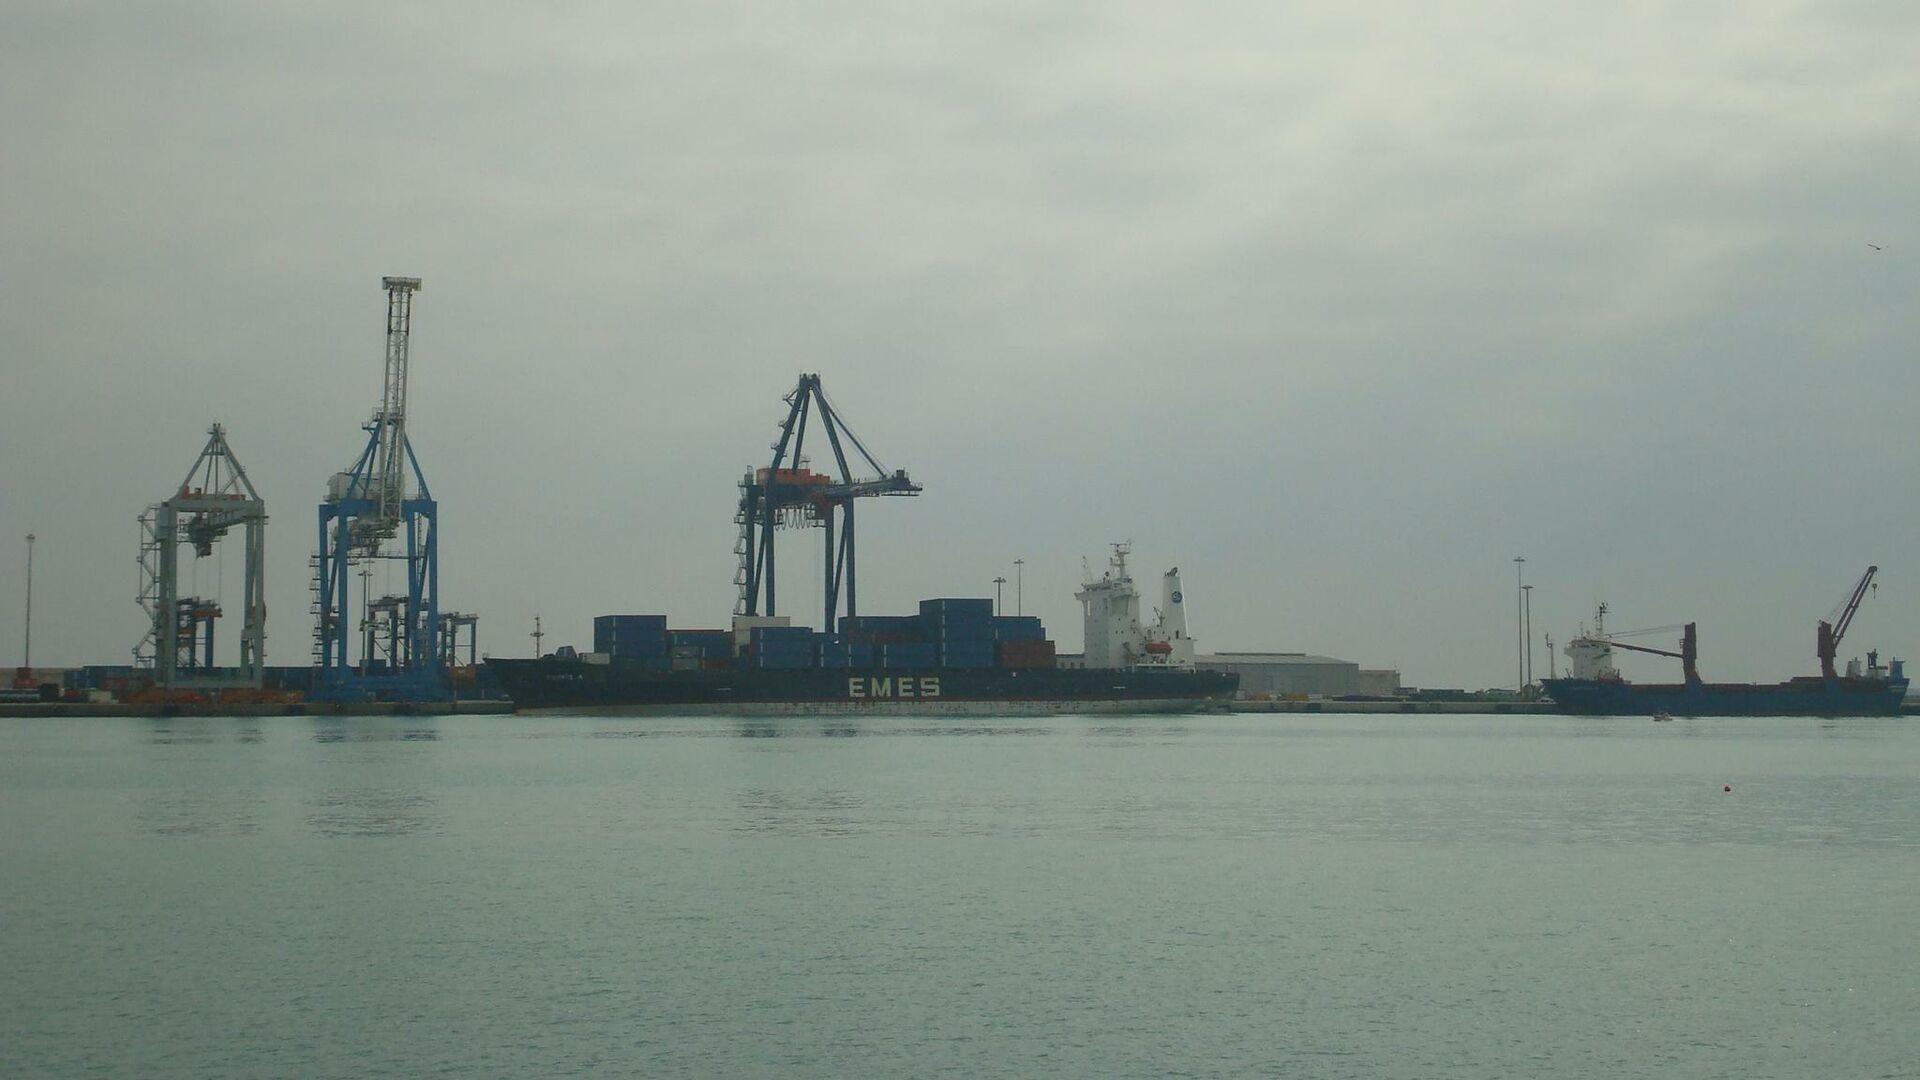 Buques de carga en el puerto de Castellón - Sputnik Mundo, 1920, 29.05.2021